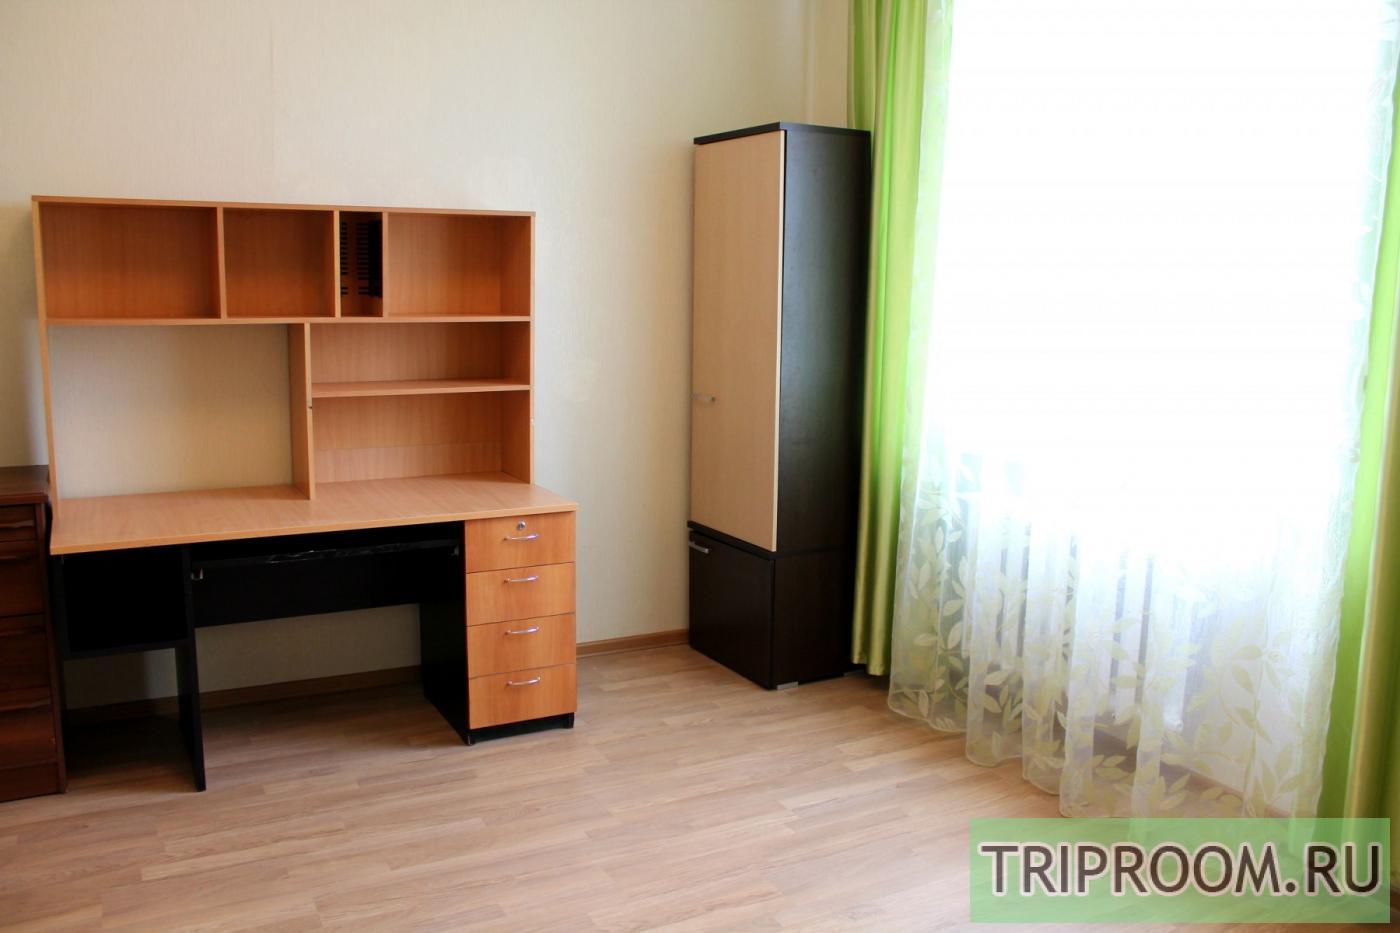 3-комнатная квартира посуточно (вариант № 20393), ул. Ленина проспект, фото № 8